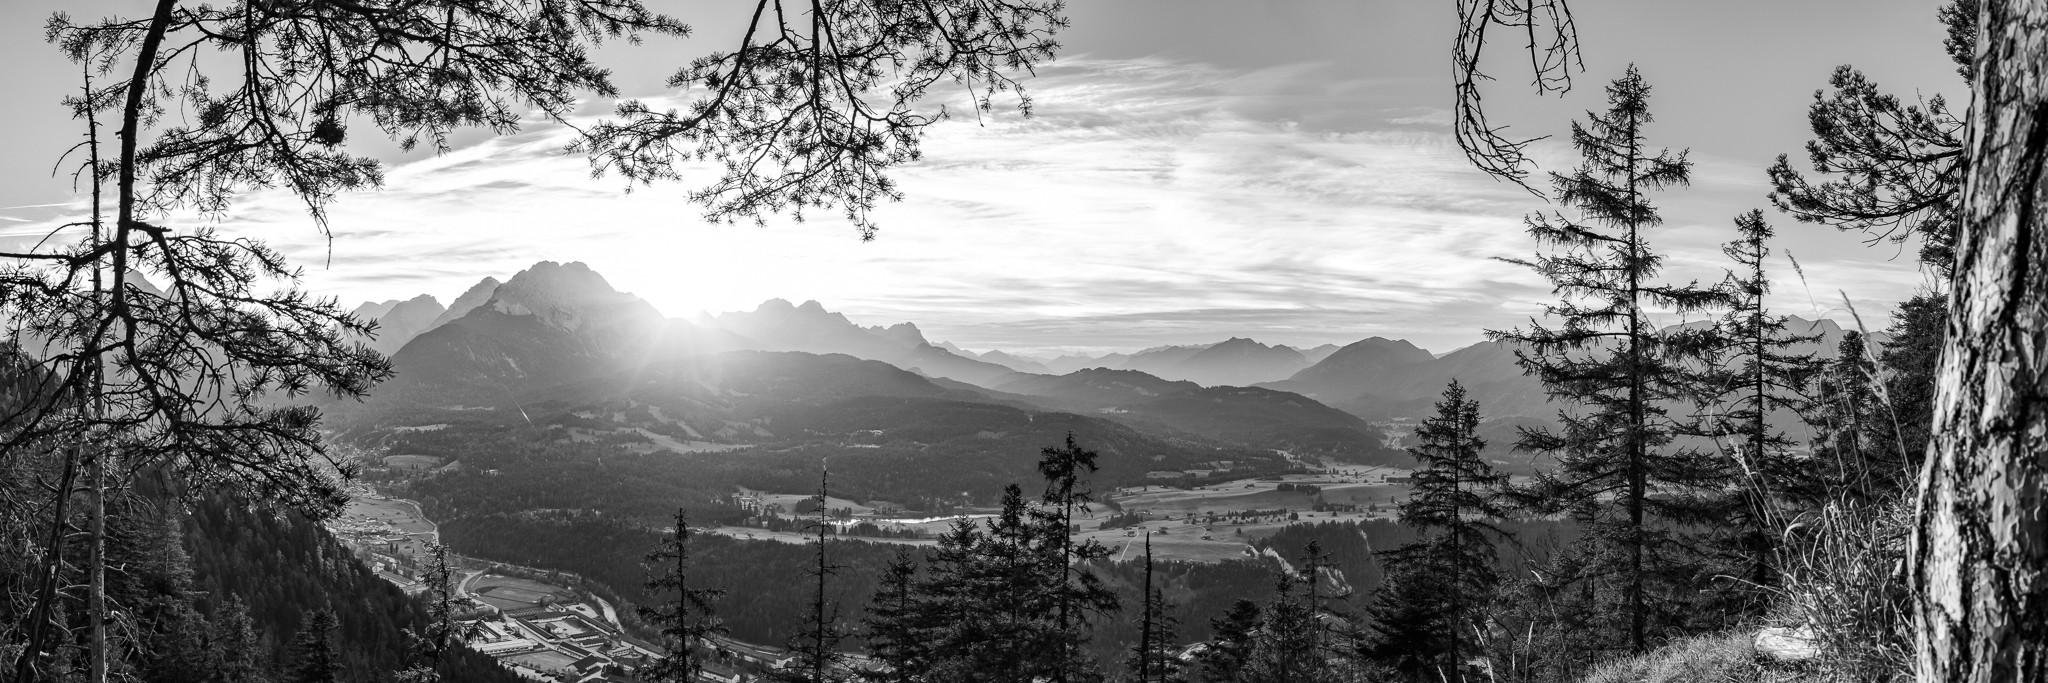 Sonnenuntergang in den Alpen. Abendblick über Mittenwald auf das Wettersteingebirge. Unten rechts sind die Buckelwiesen zwischen Mittenwald und Krün.